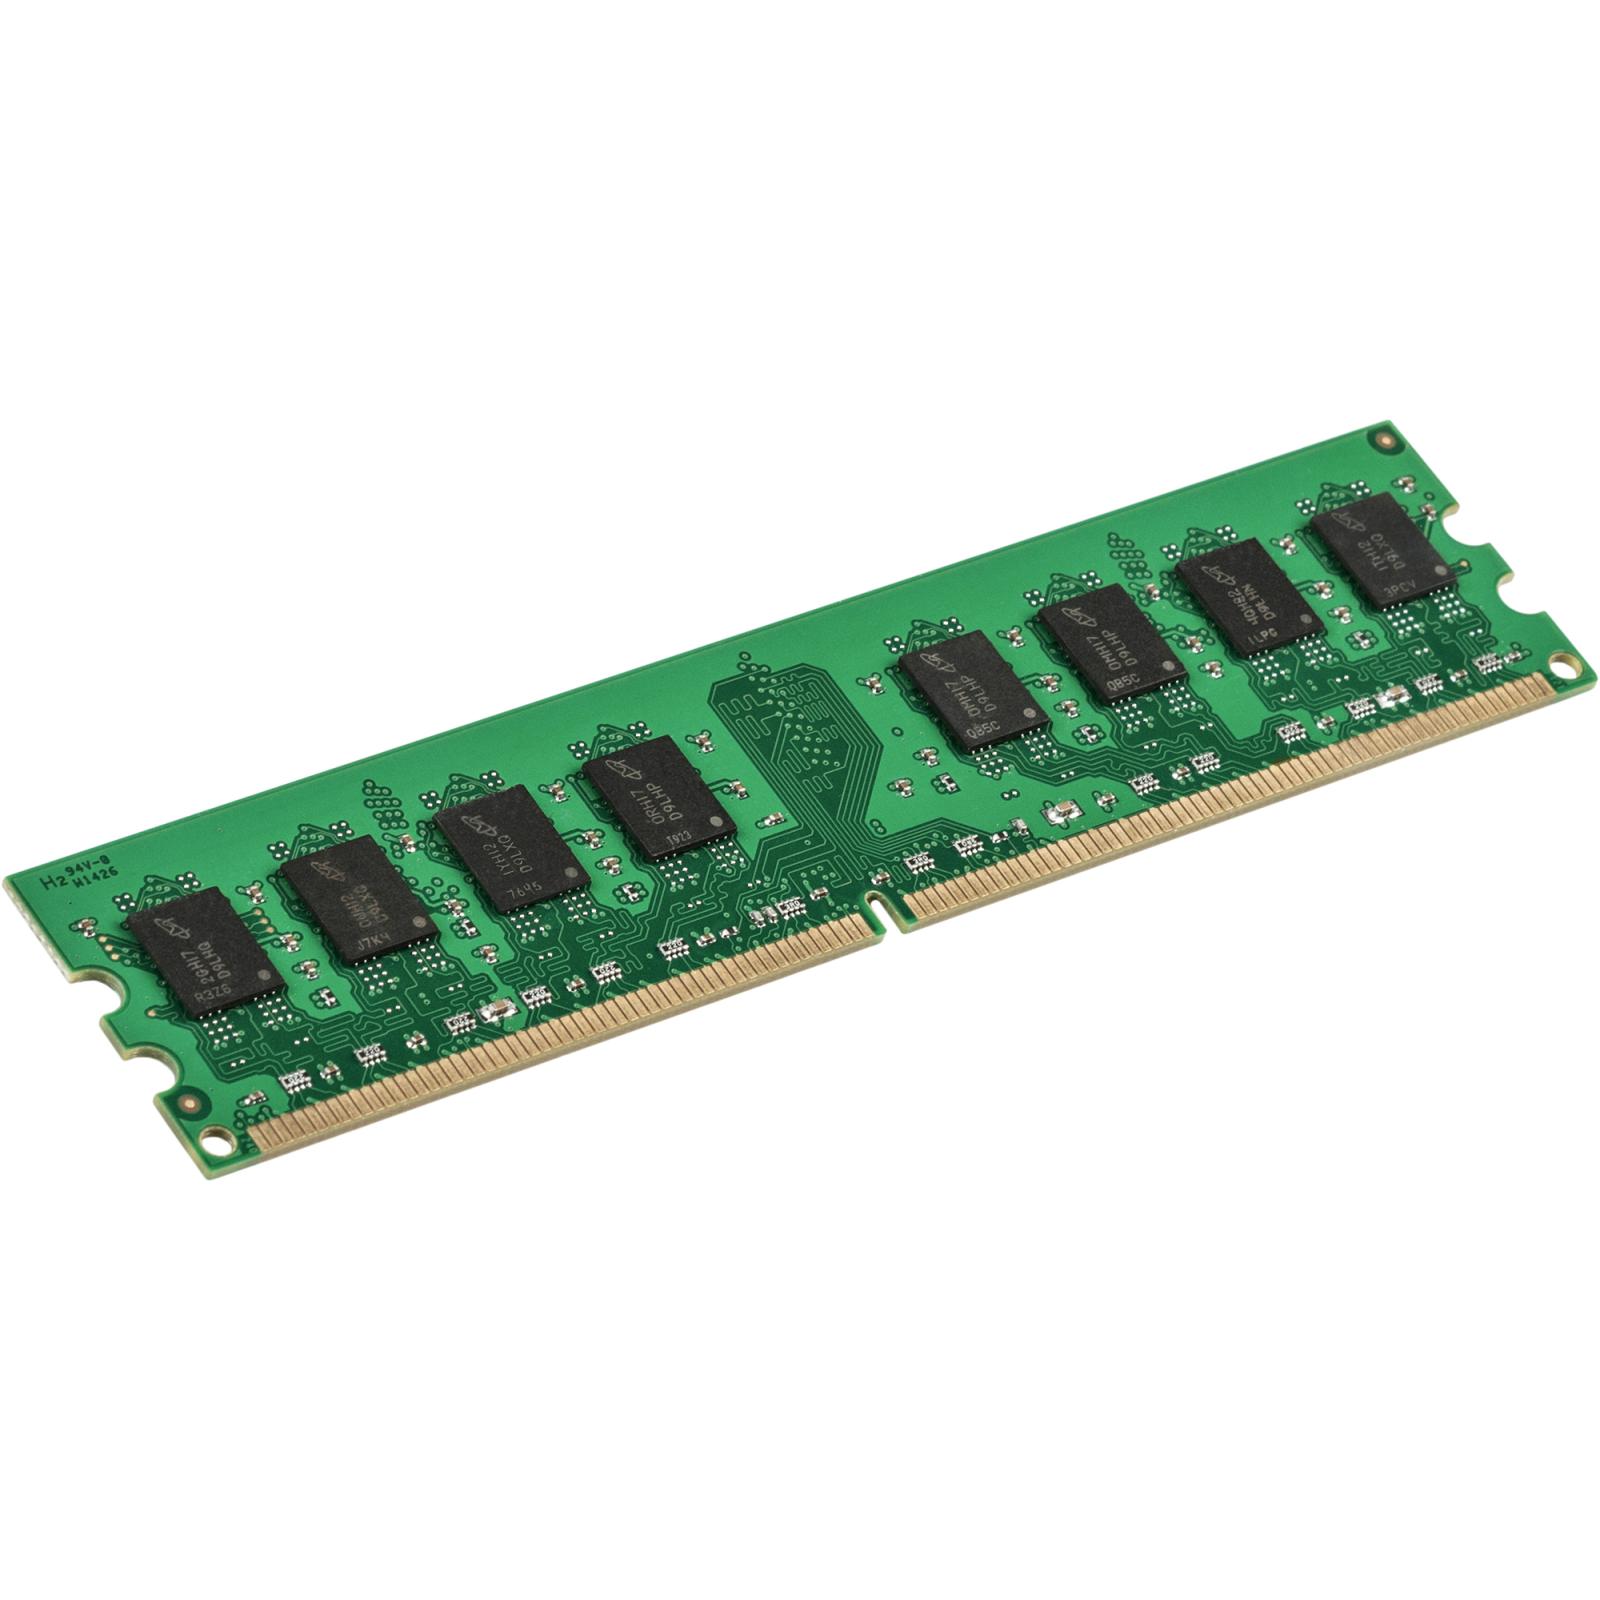 Модуль памяти для компьютера eXceleram DDR2 2GB 800 MHz (E20101A) изображение 2